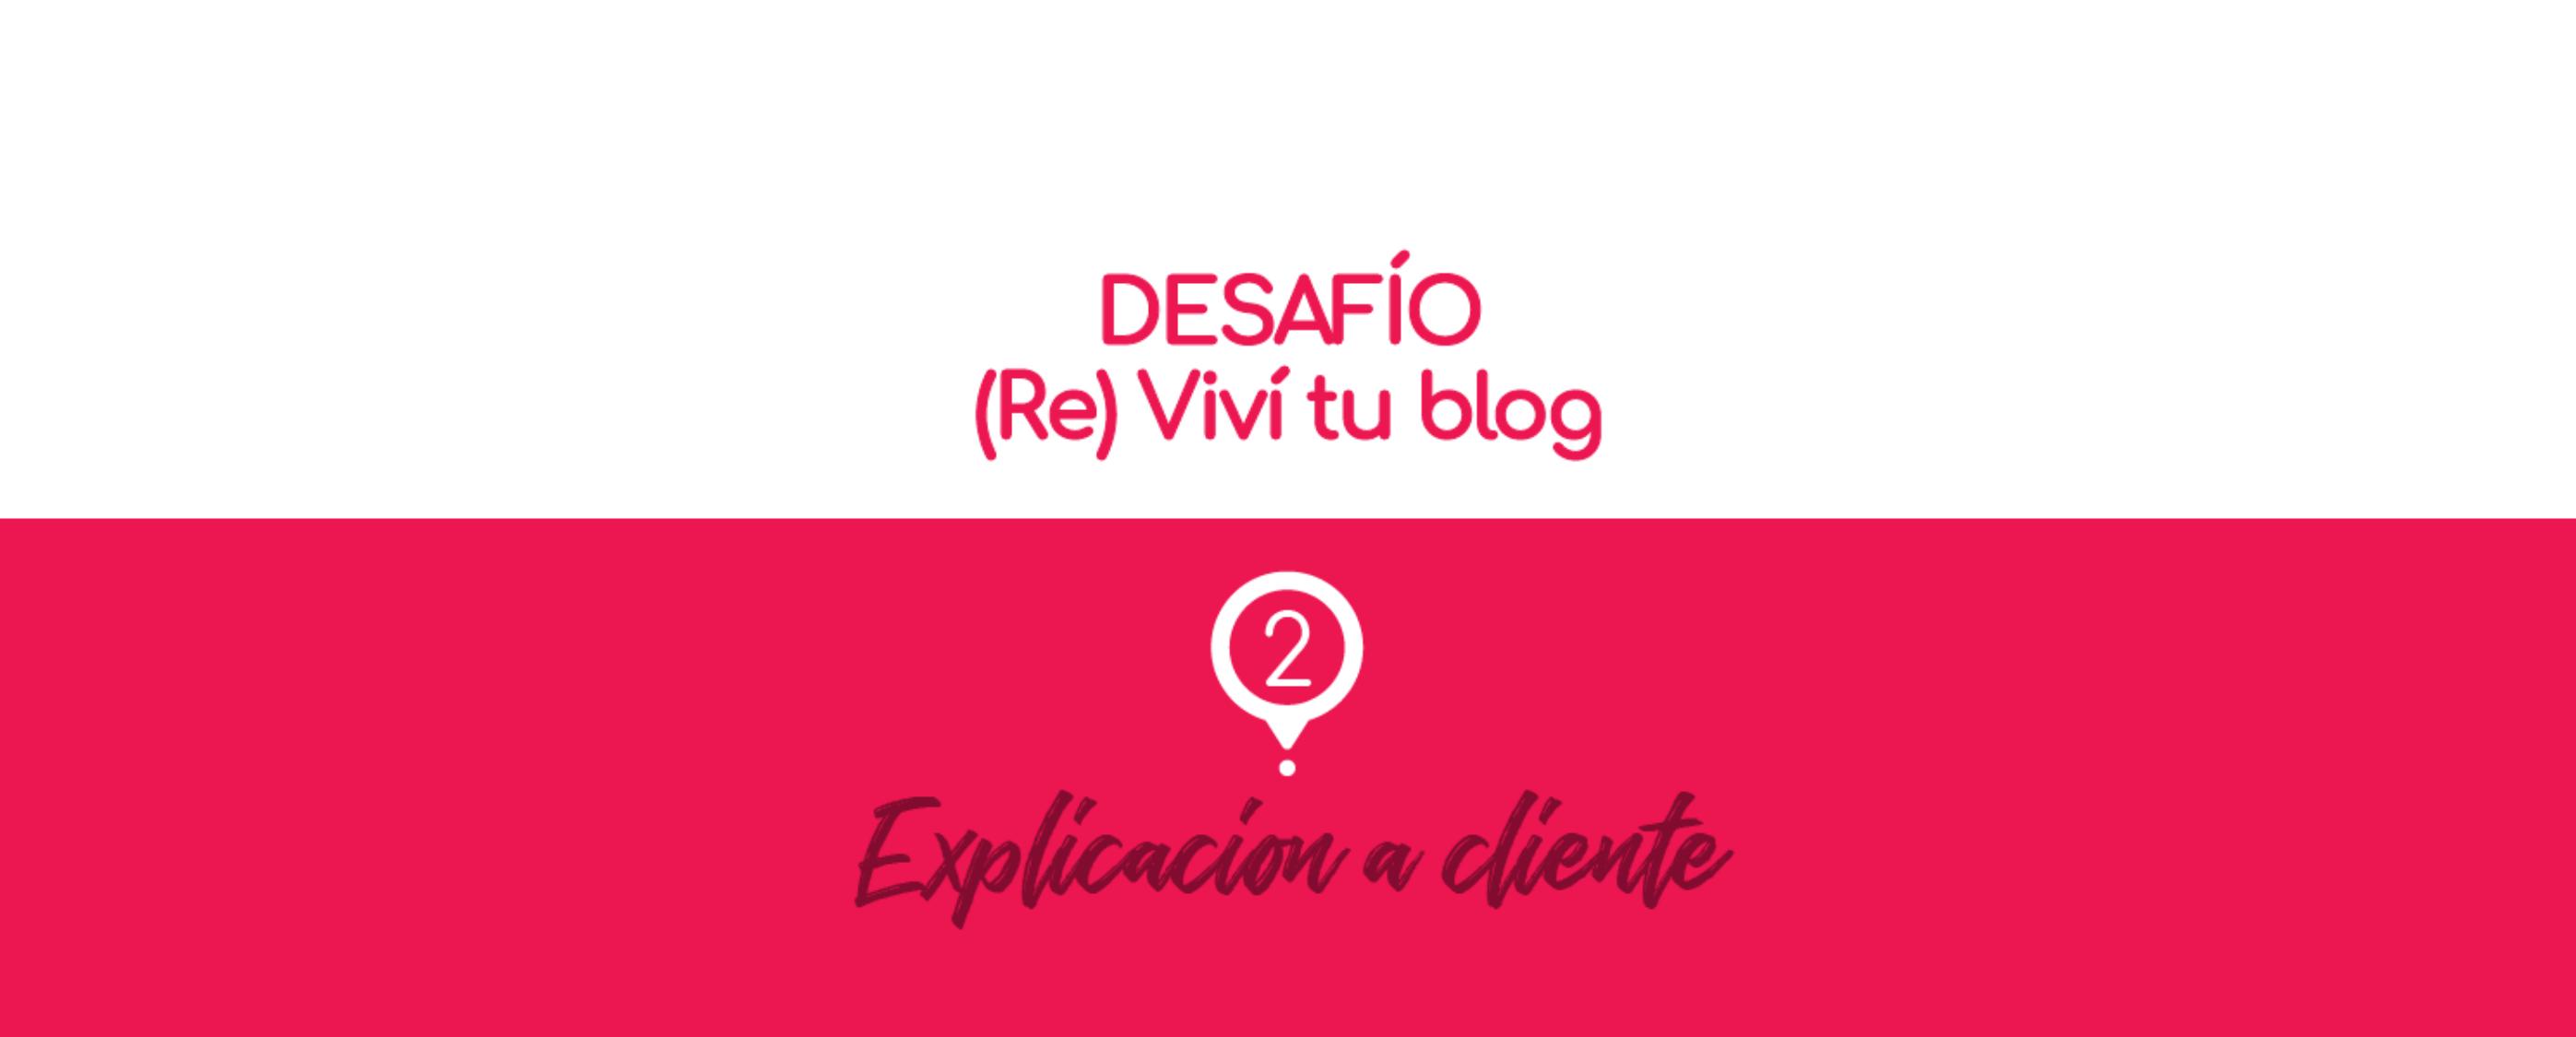 (Re) Viví tu blog: explicación a cliente.